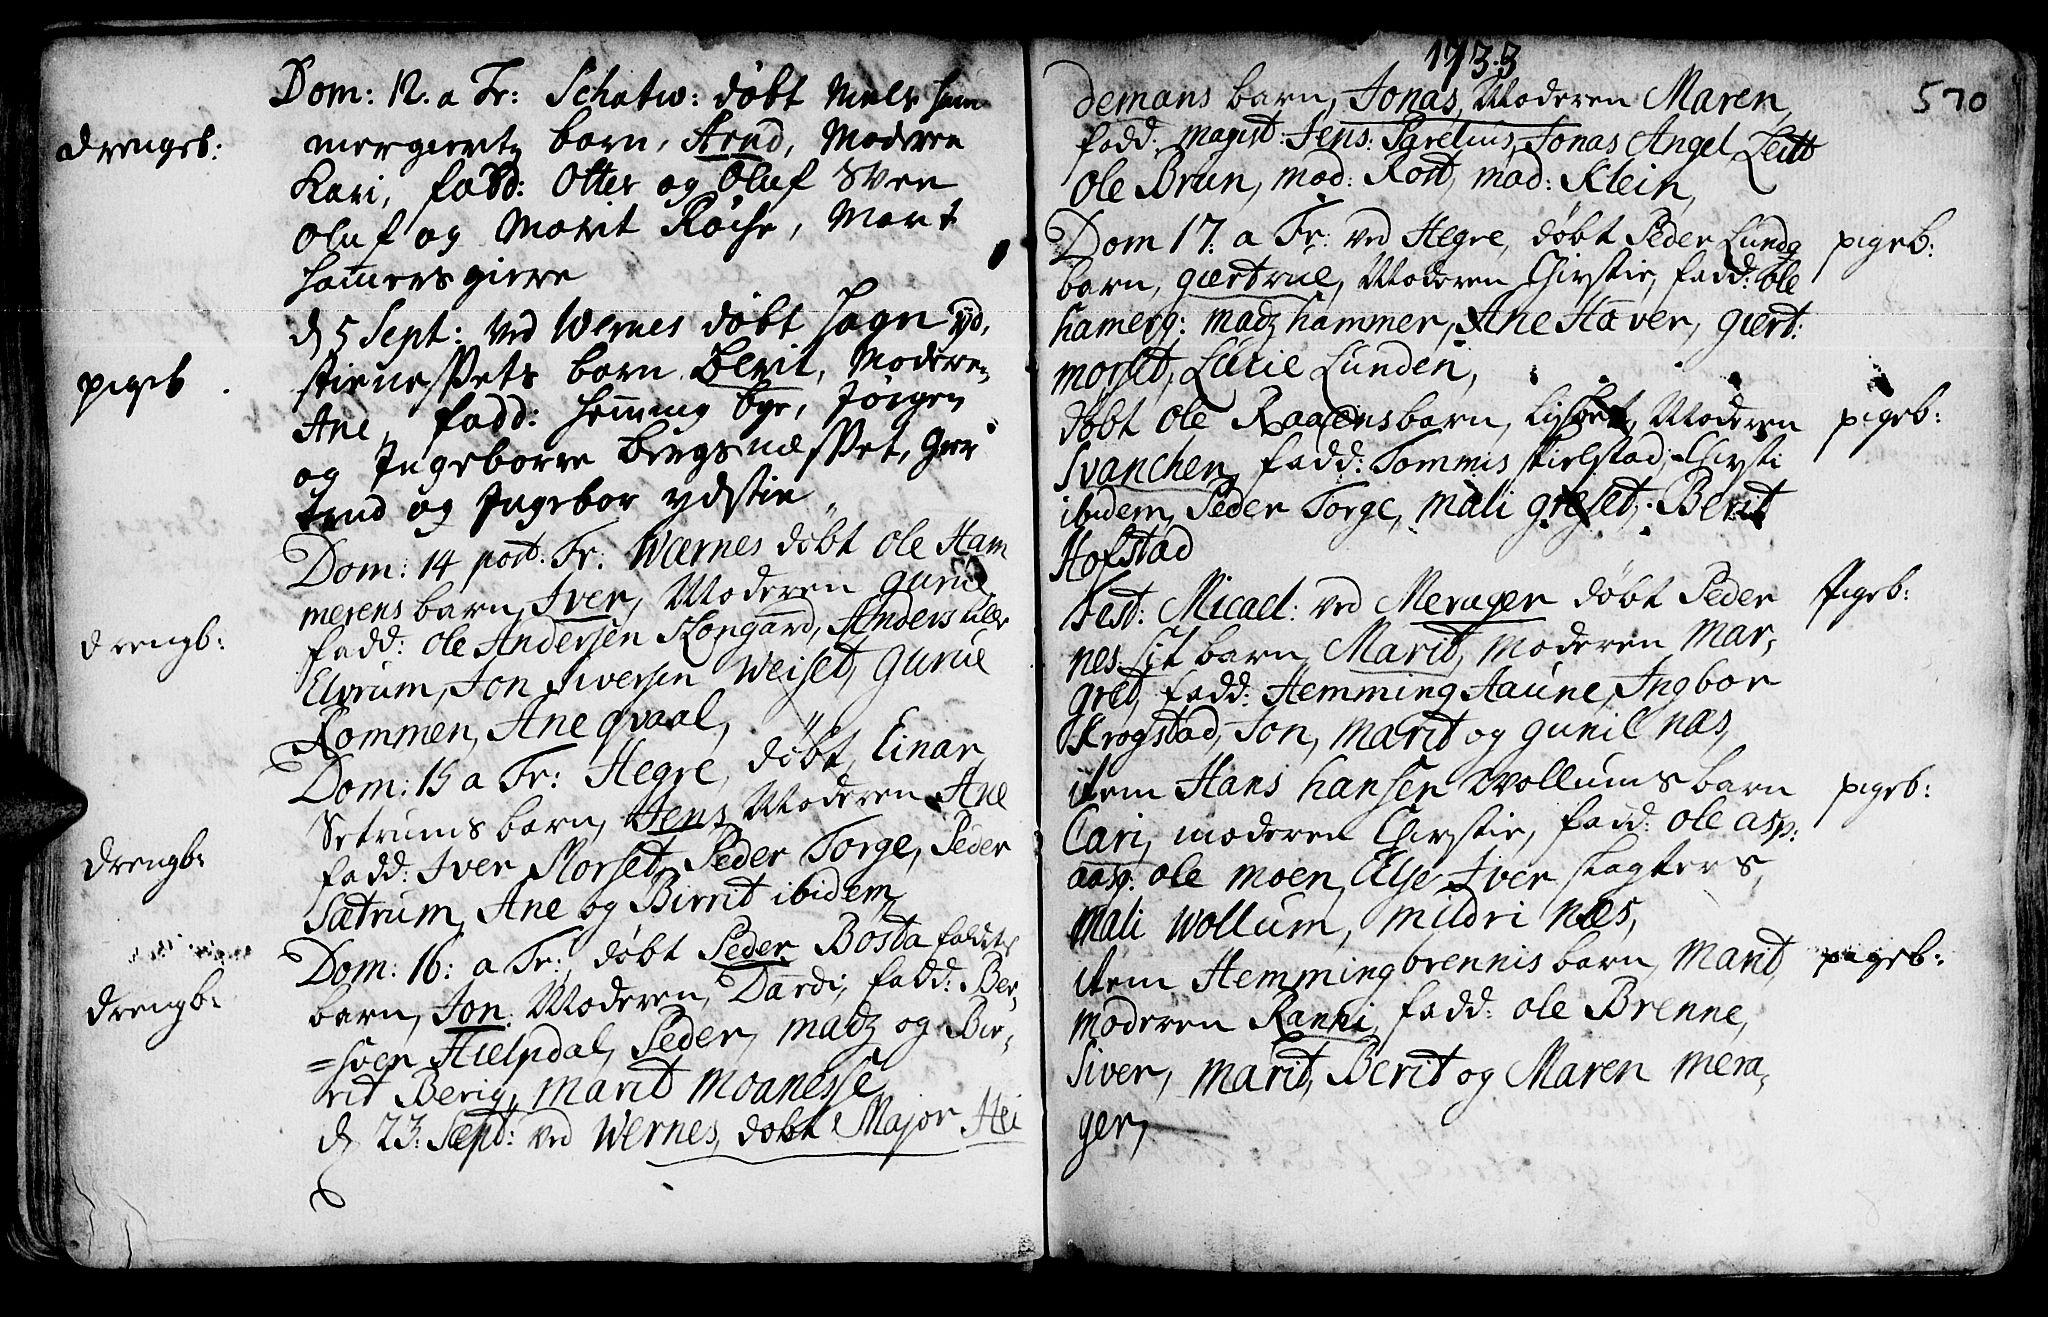 SAT, Ministerialprotokoller, klokkerbøker og fødselsregistre - Nord-Trøndelag, 709/L0055: Ministerialbok nr. 709A03, 1730-1739, s. 569-570